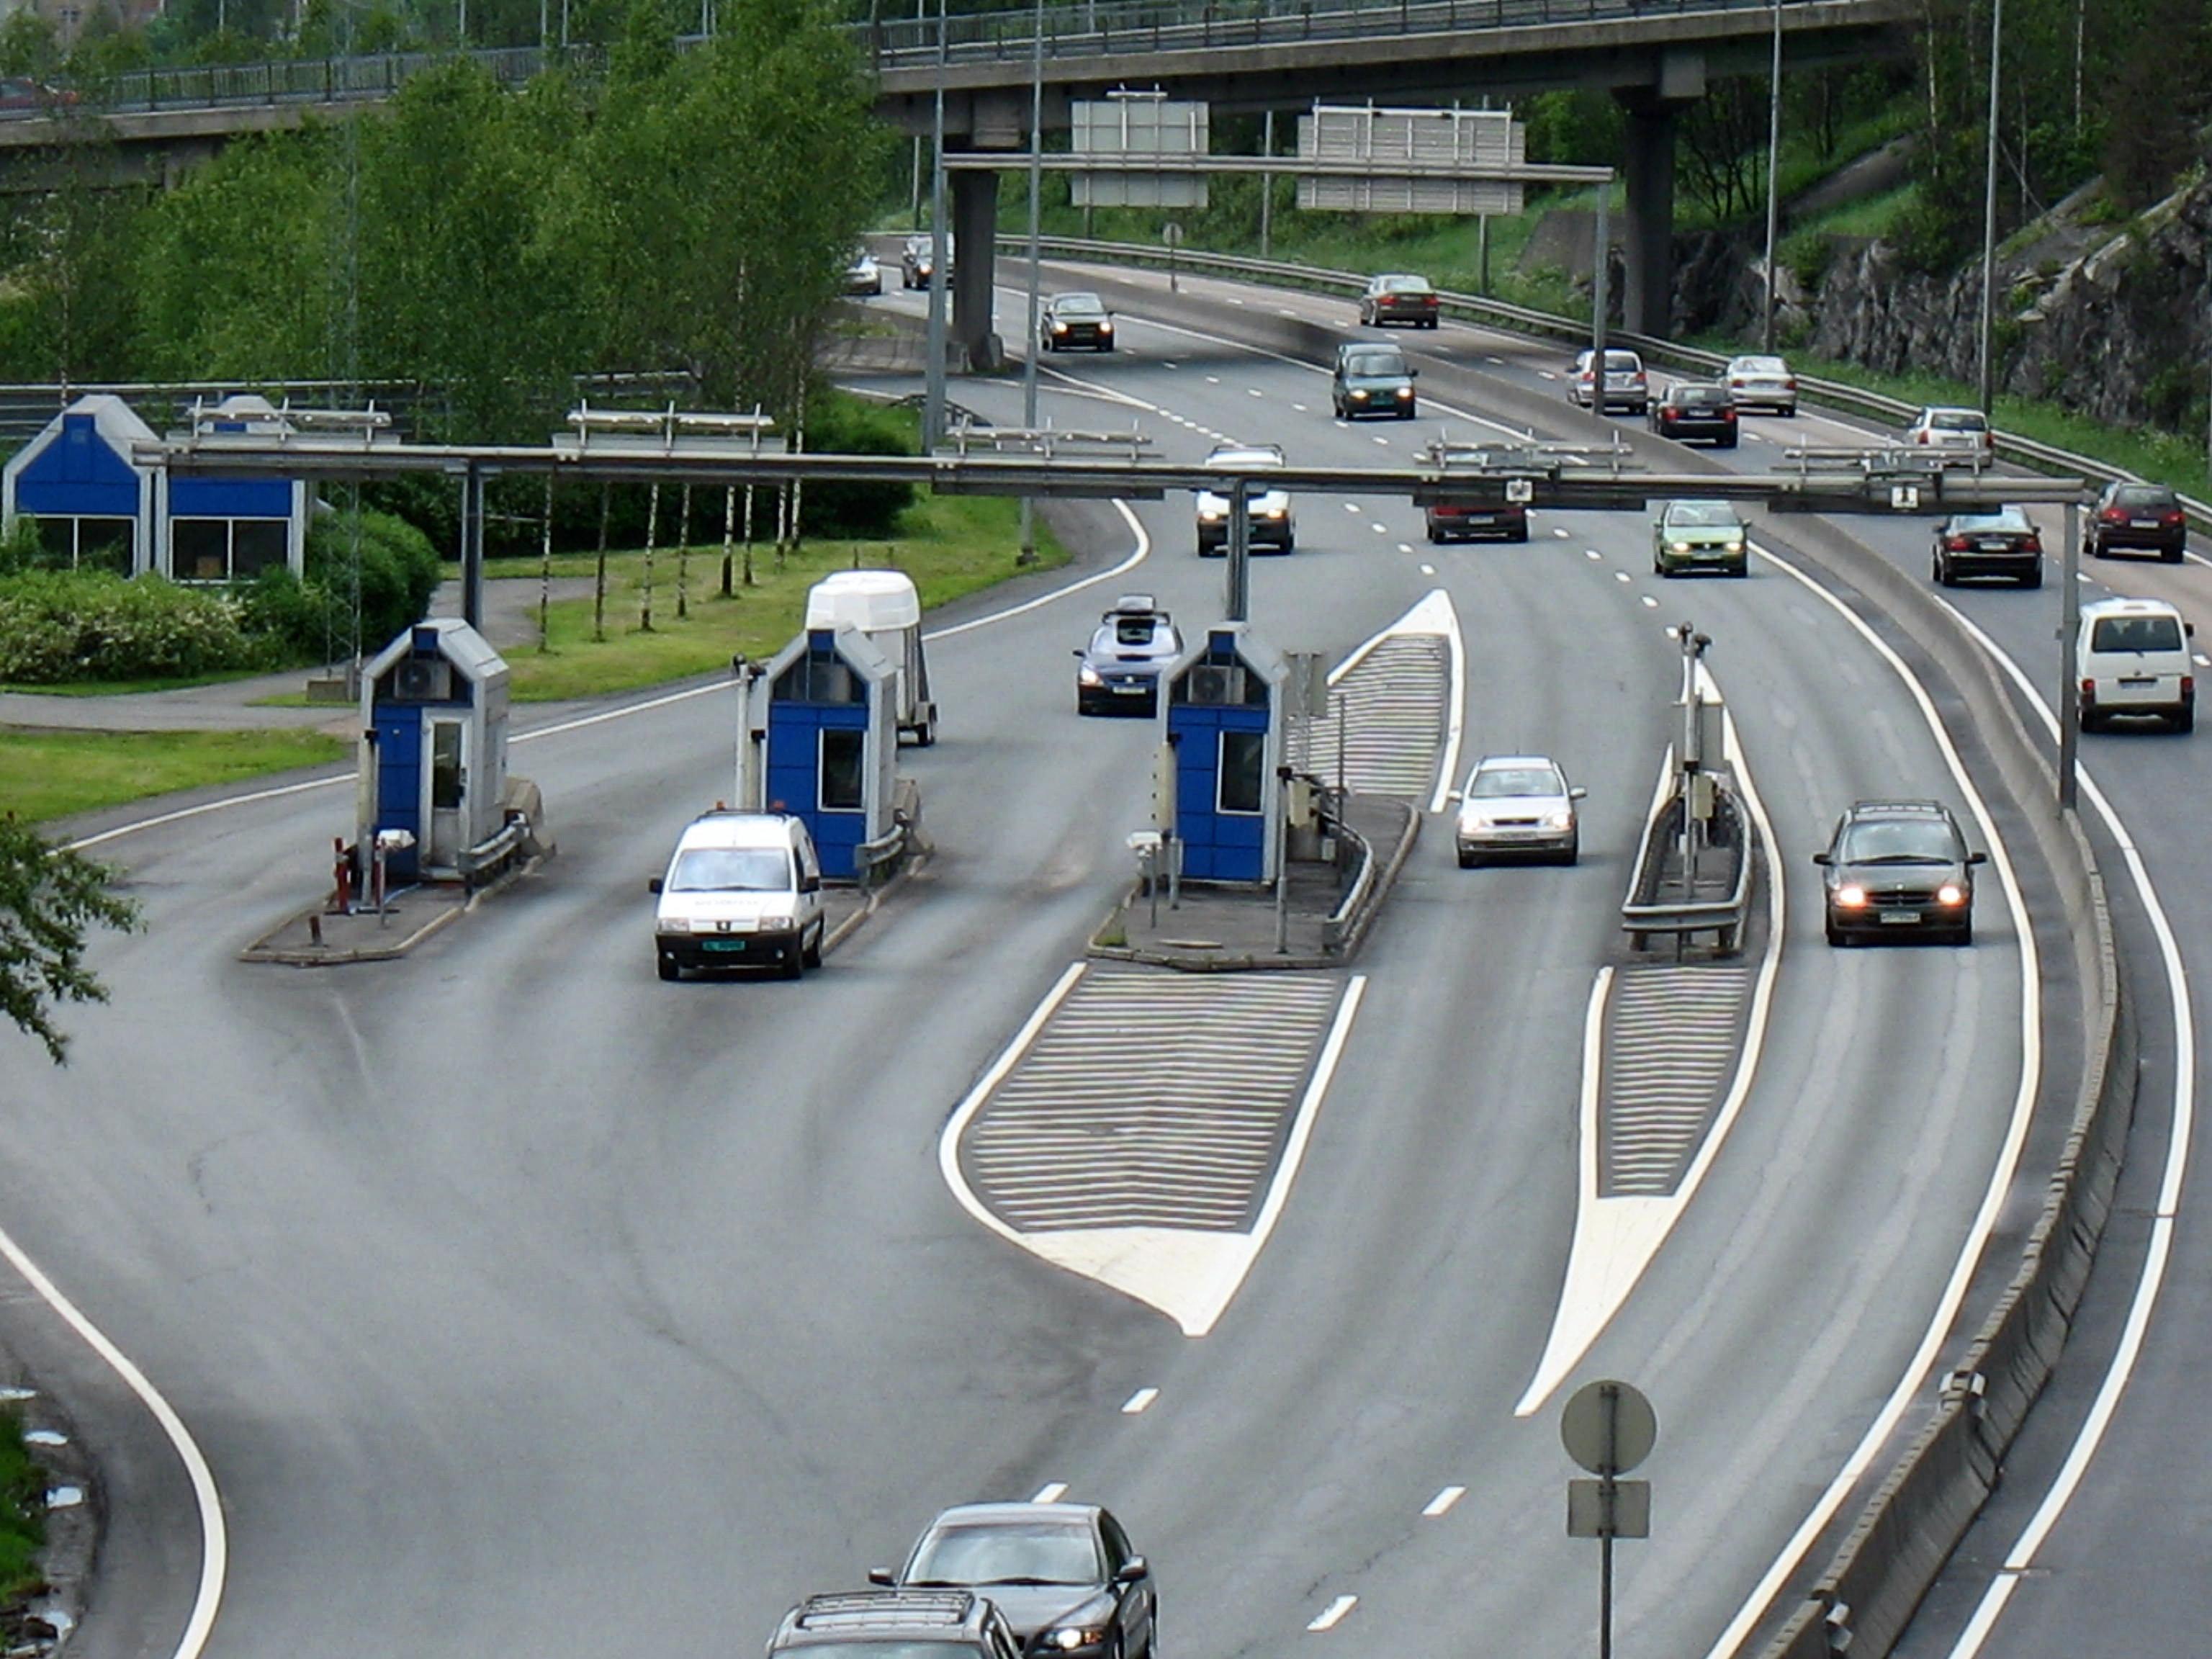 Bomstasjonene i Oslo var blå og grå frem til automatiseringen i 2008. Foto: Kjetil Ree, Wikipedia.